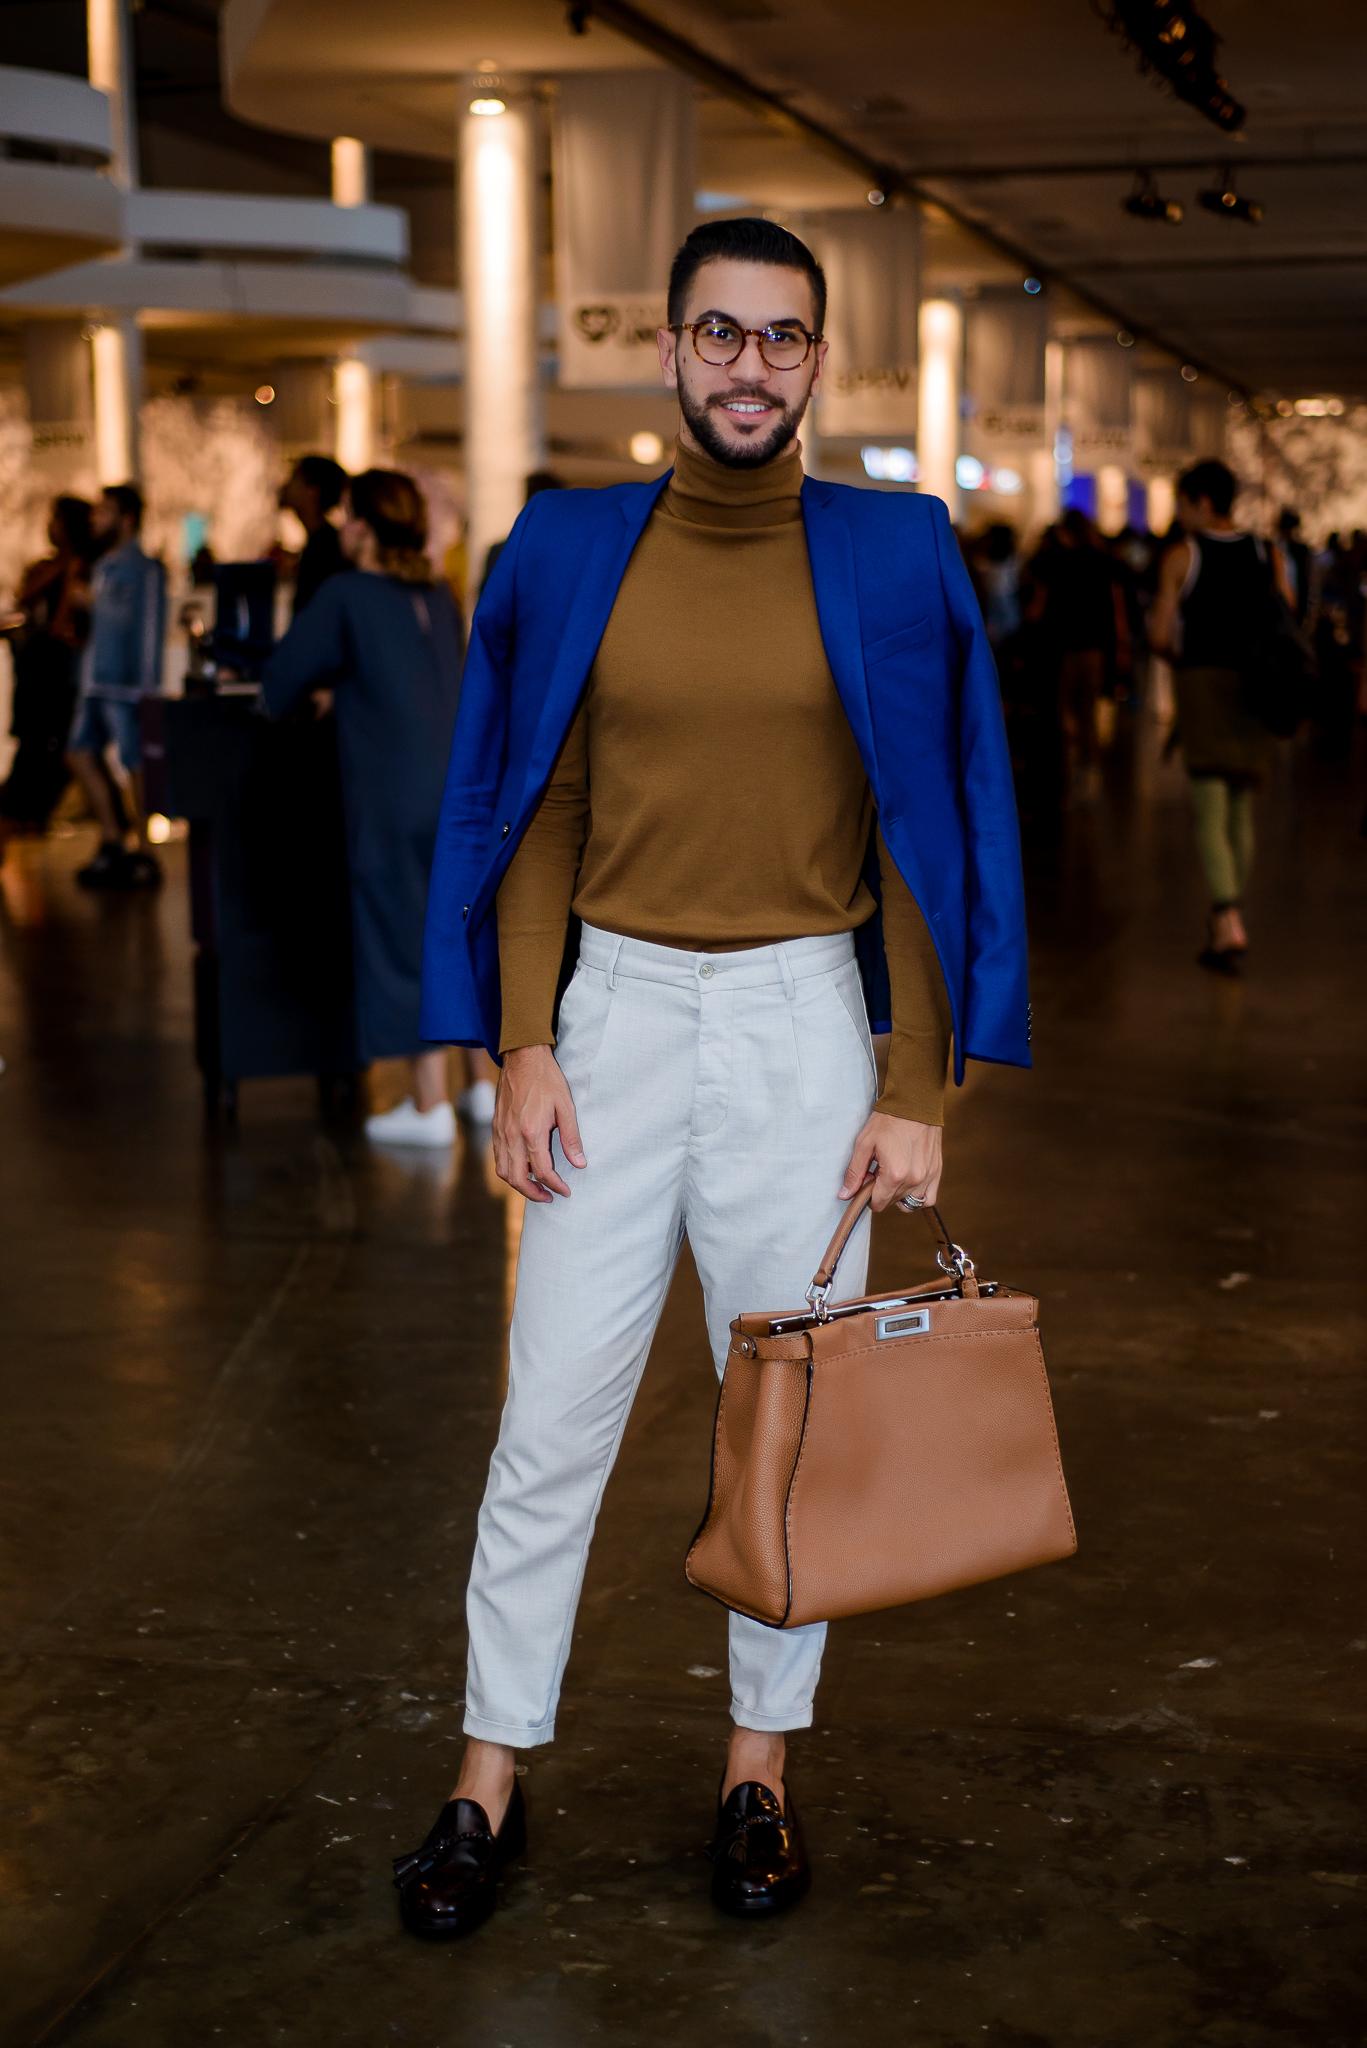 spfwn43-street-style-moda-masculina-estilo-masculino-style-fashion-moda-2017-moda-sem-censura-beleza-blog-de-moda-men-man-boy-estilo